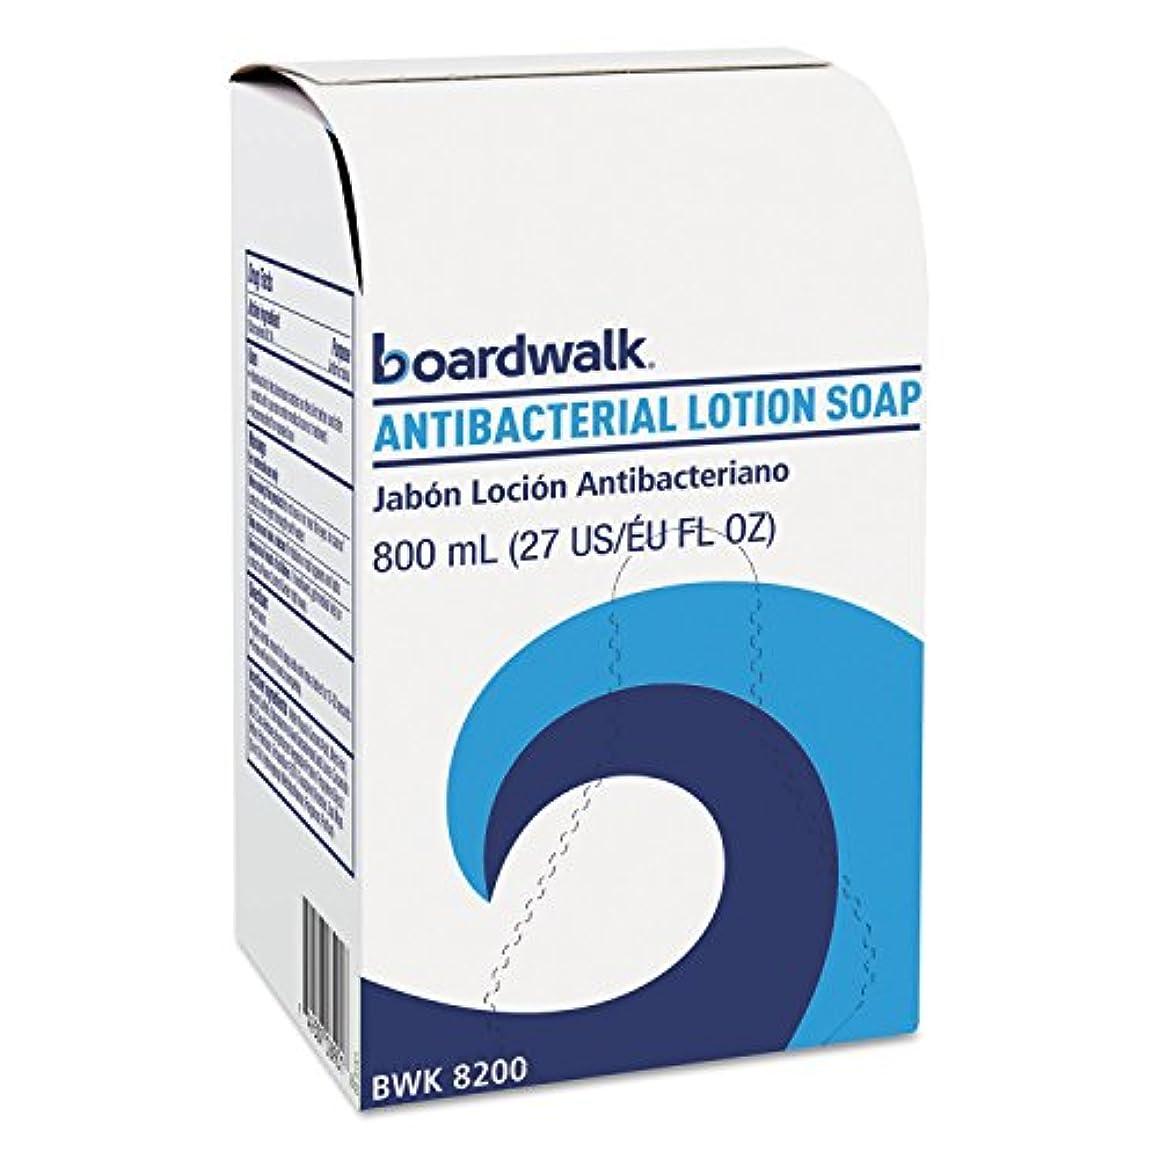 保持好色な芸術的ボードウォーク8200 CT Boardwalk抗菌ローションソープbwk8200ct BWK 8200 CT